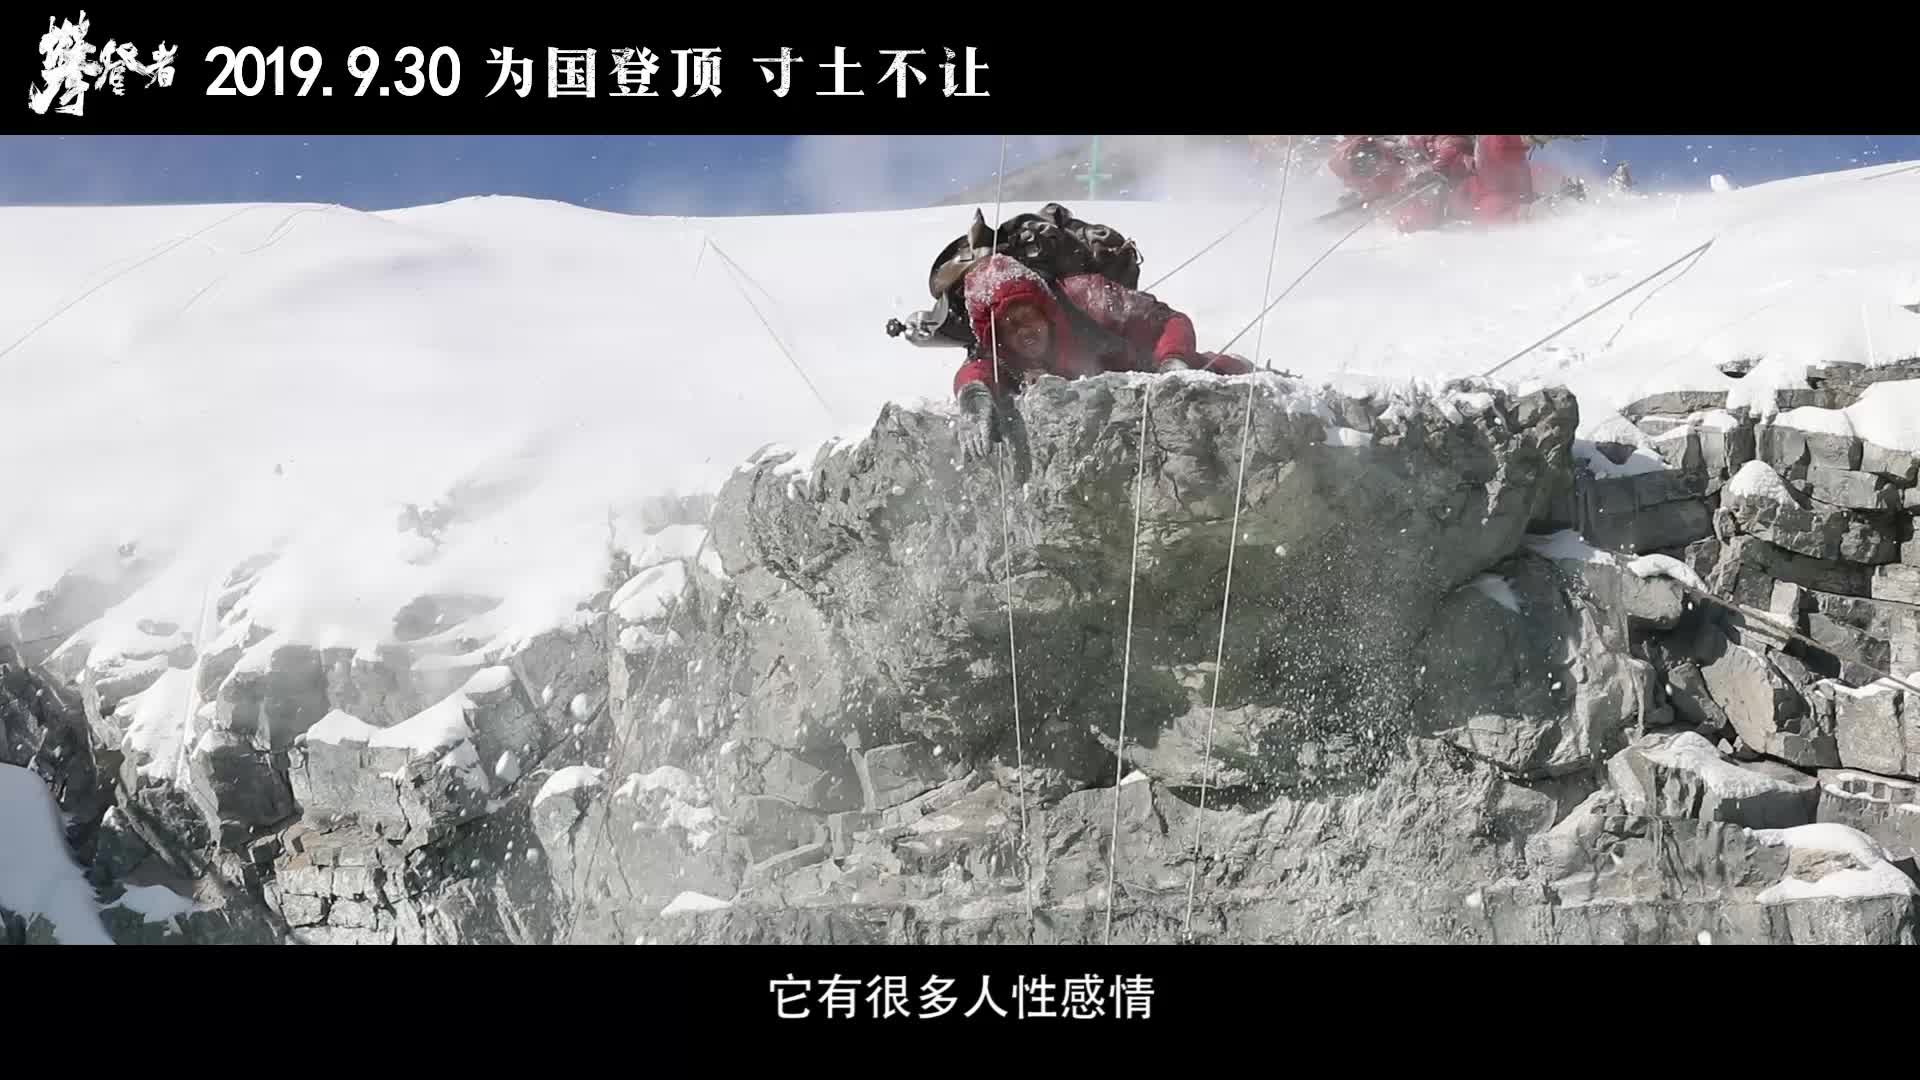 《攀登者》情感特辑